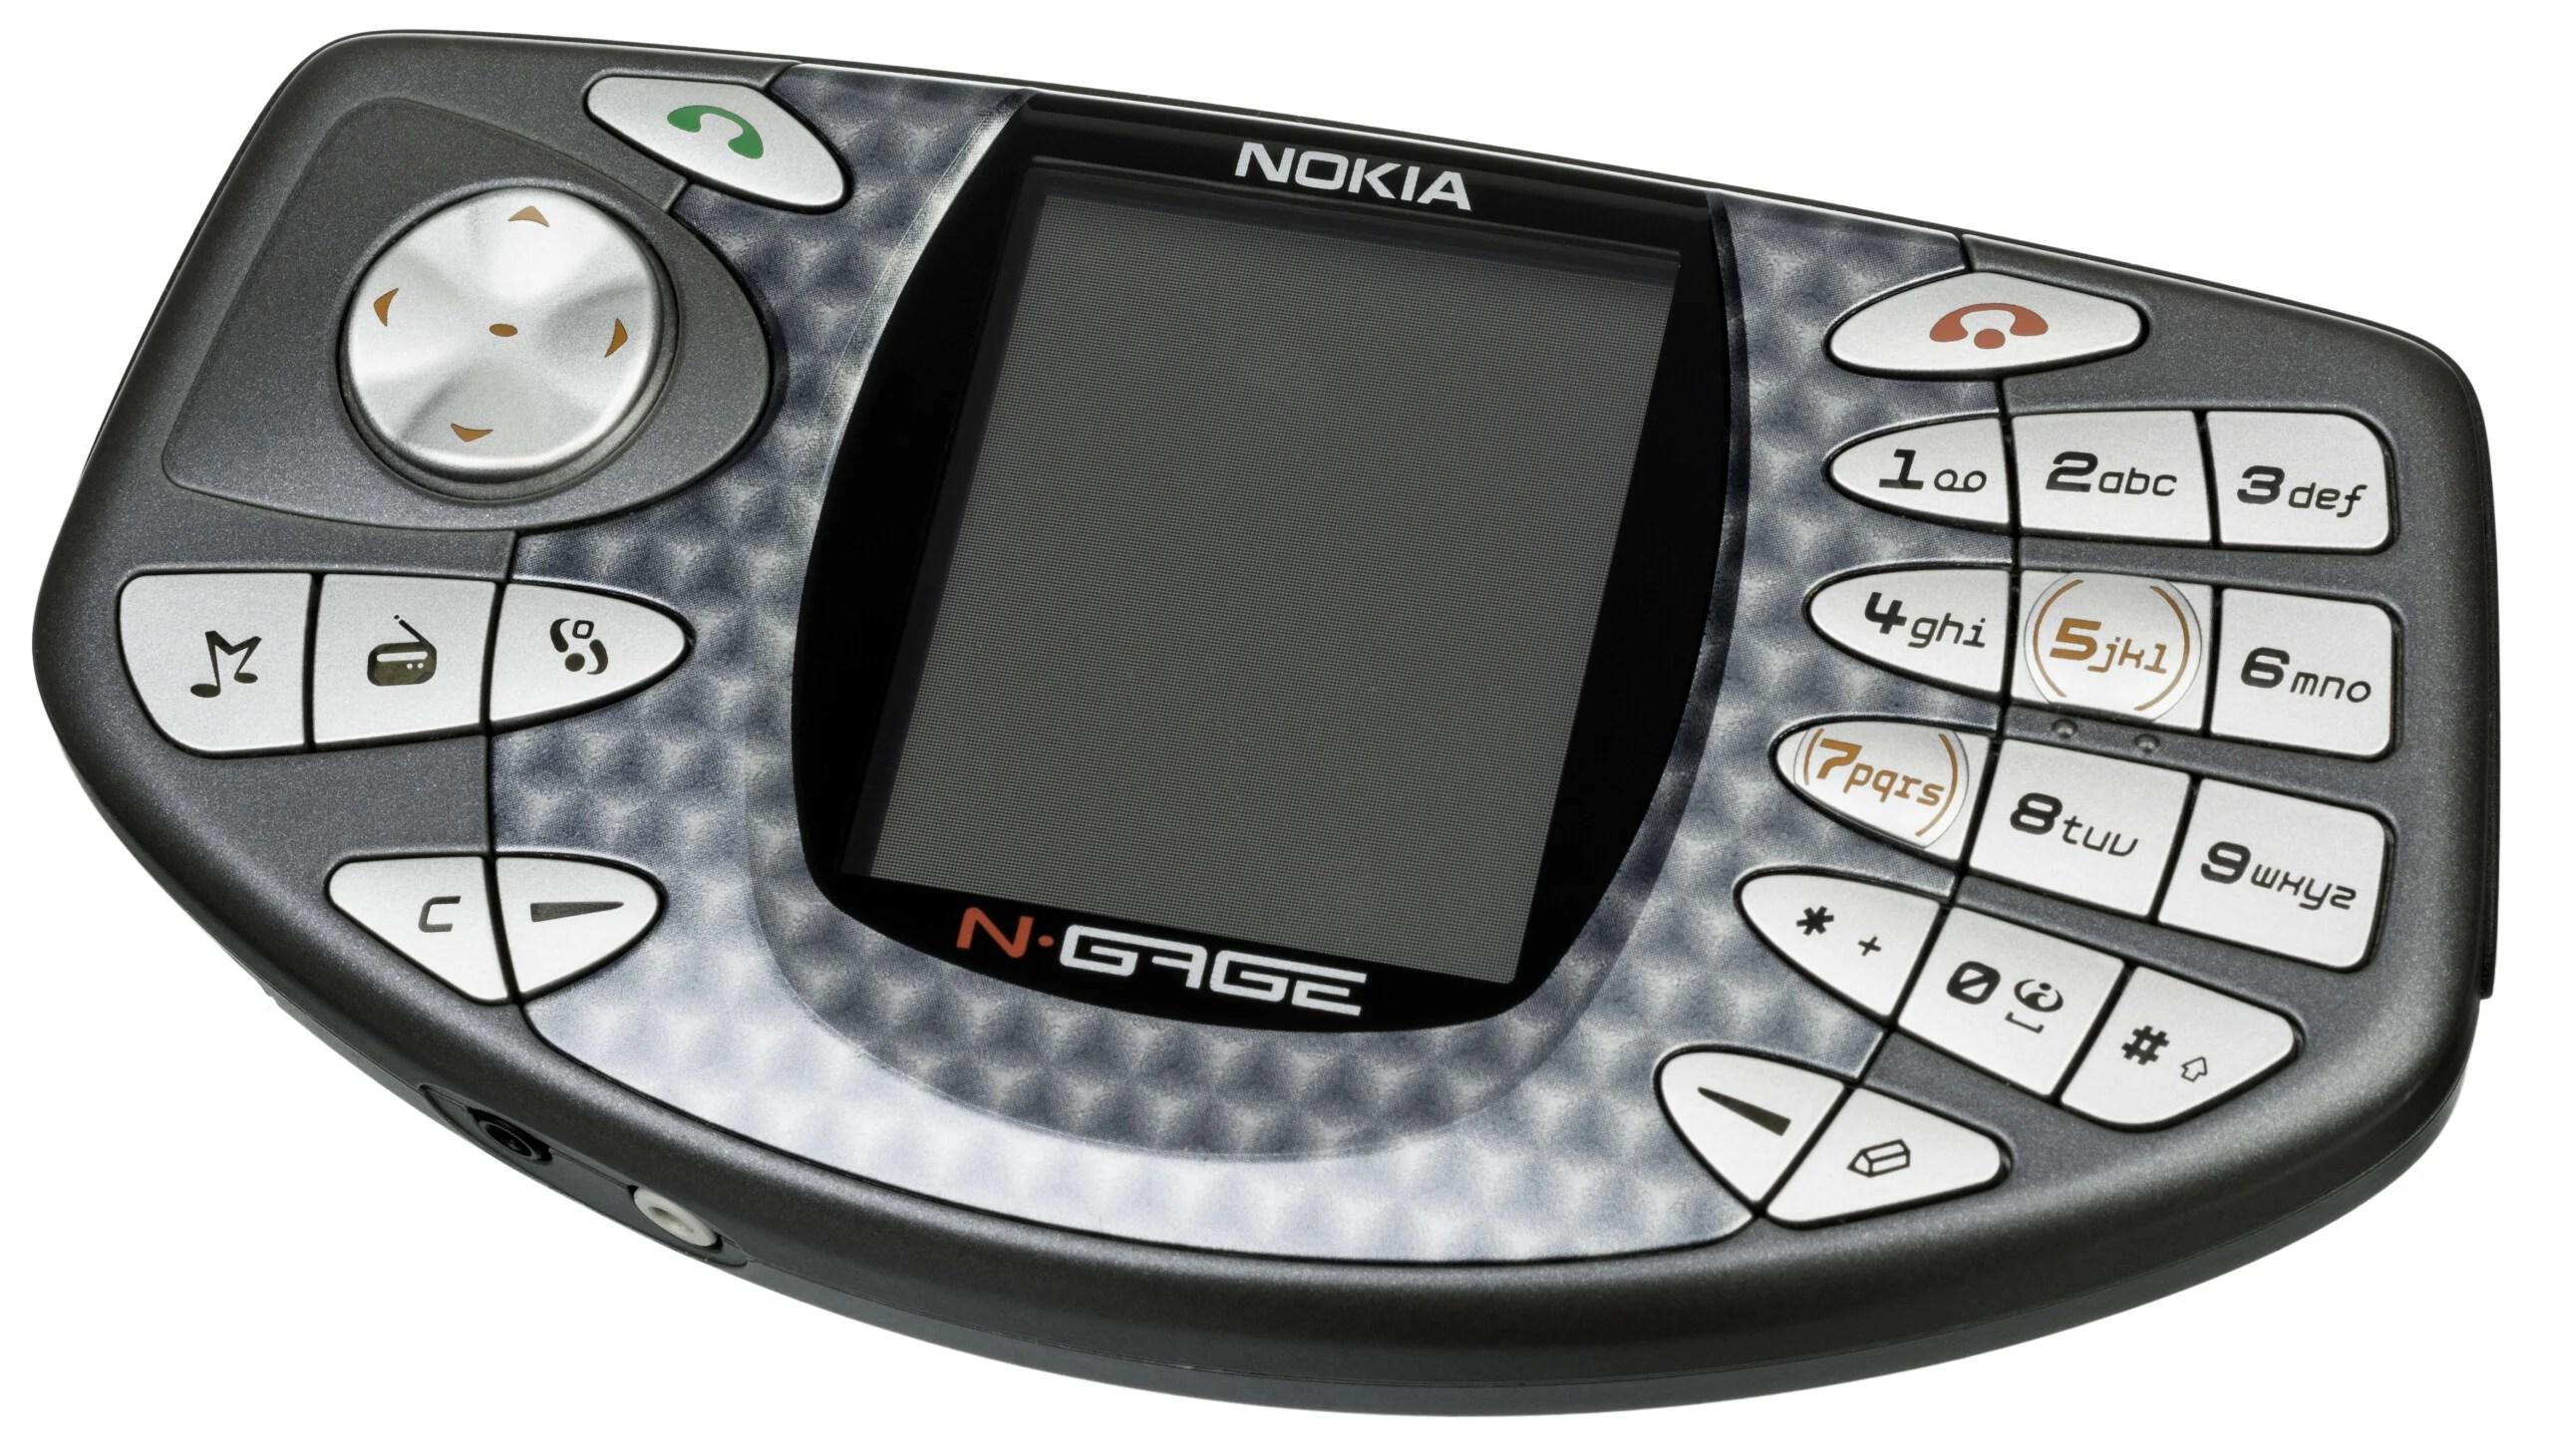 La Nokia N-Gage renaît de ses cendres grâce à un émulateur sur Android